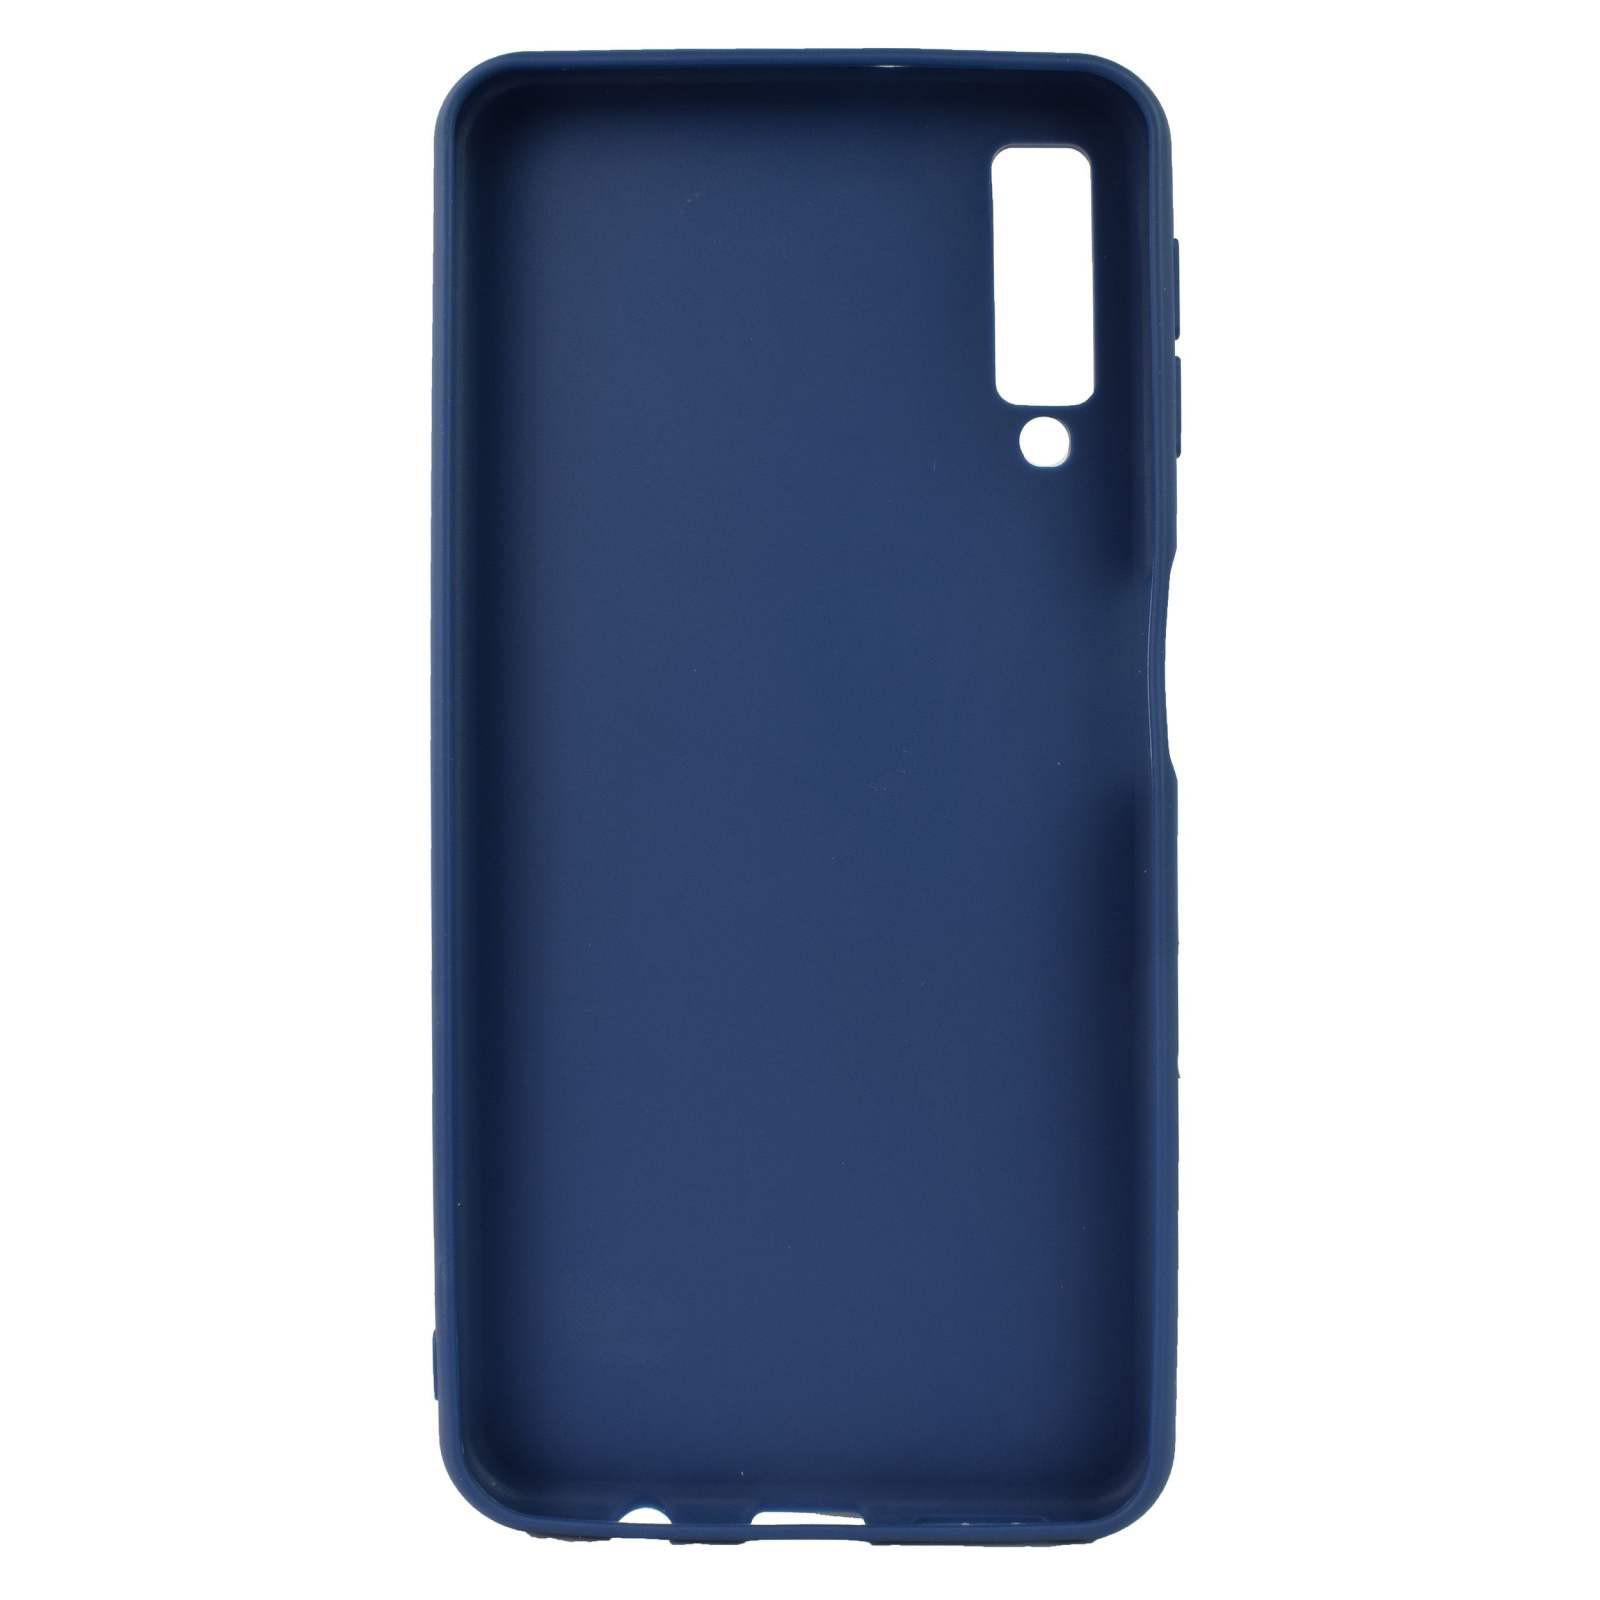 کاور مدل 01 مناسب برای گوشی موبایل سامسونگ Galaxy A7 2018 / A750 main 1 3